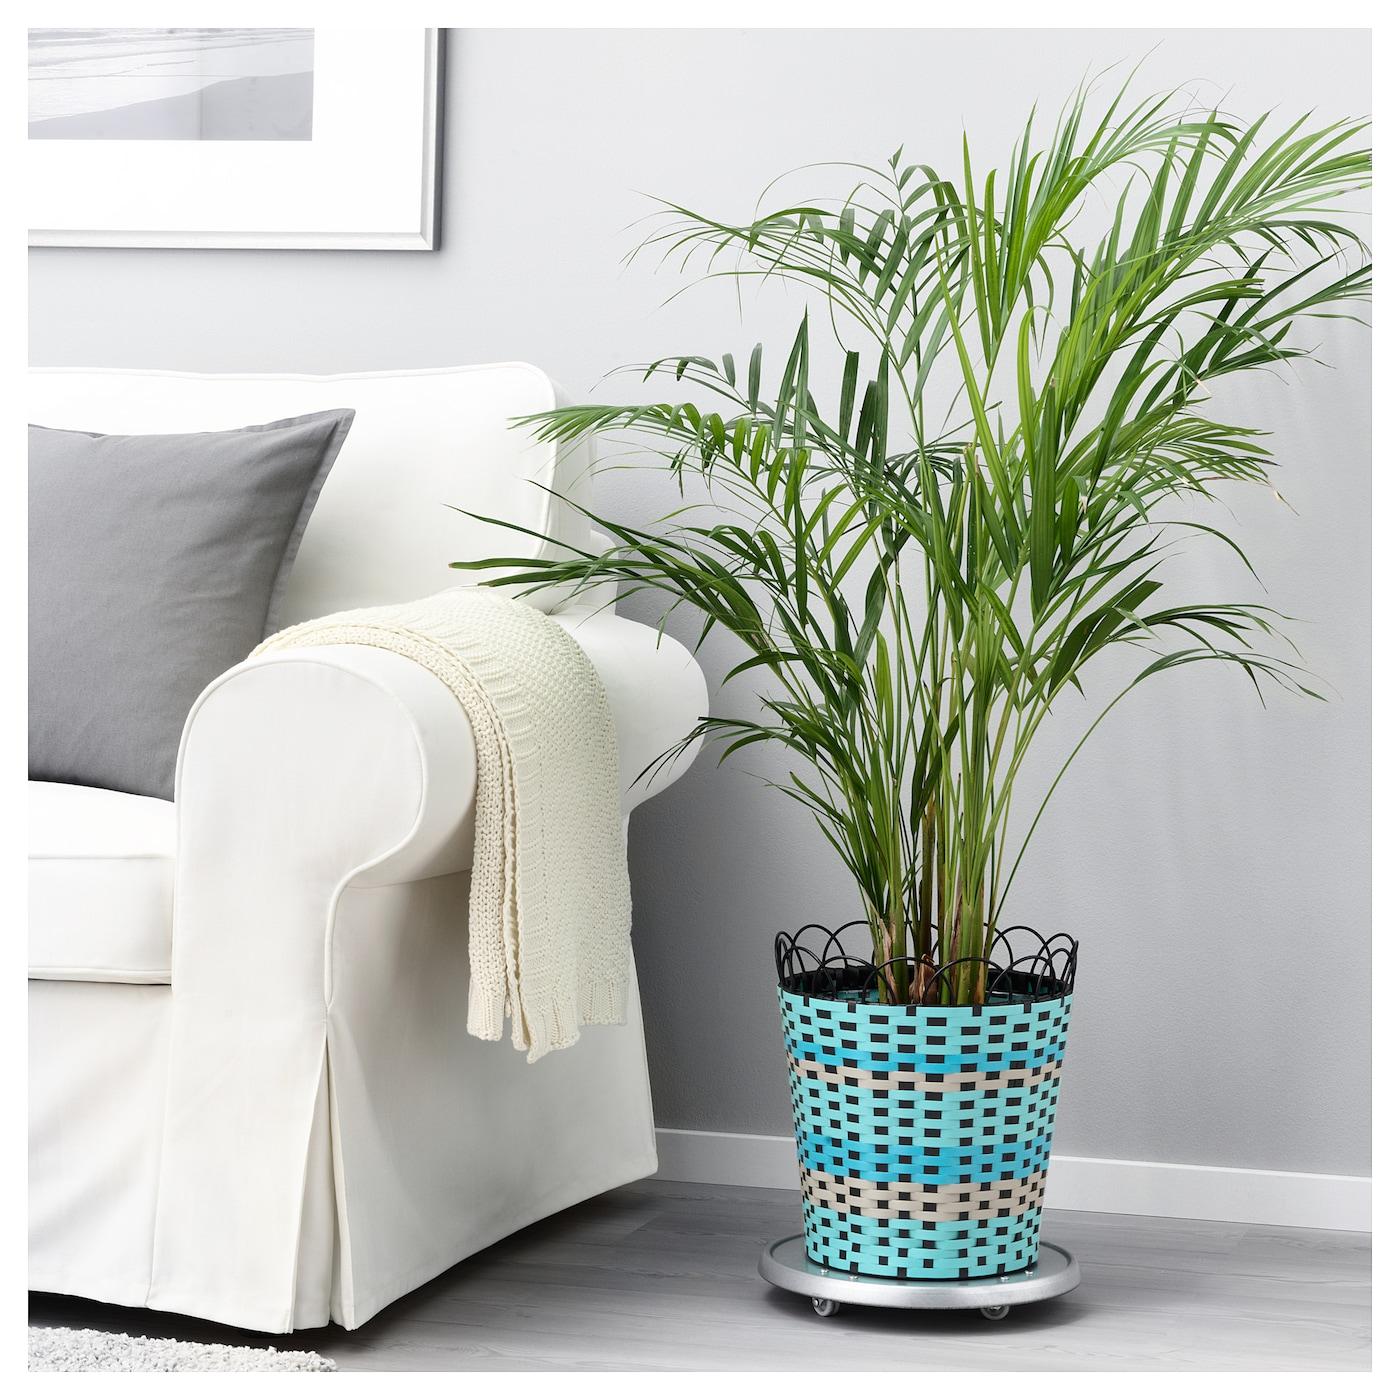 sommar 2018 sierpot binnen buiten turkoois 24 cm ikea. Black Bedroom Furniture Sets. Home Design Ideas